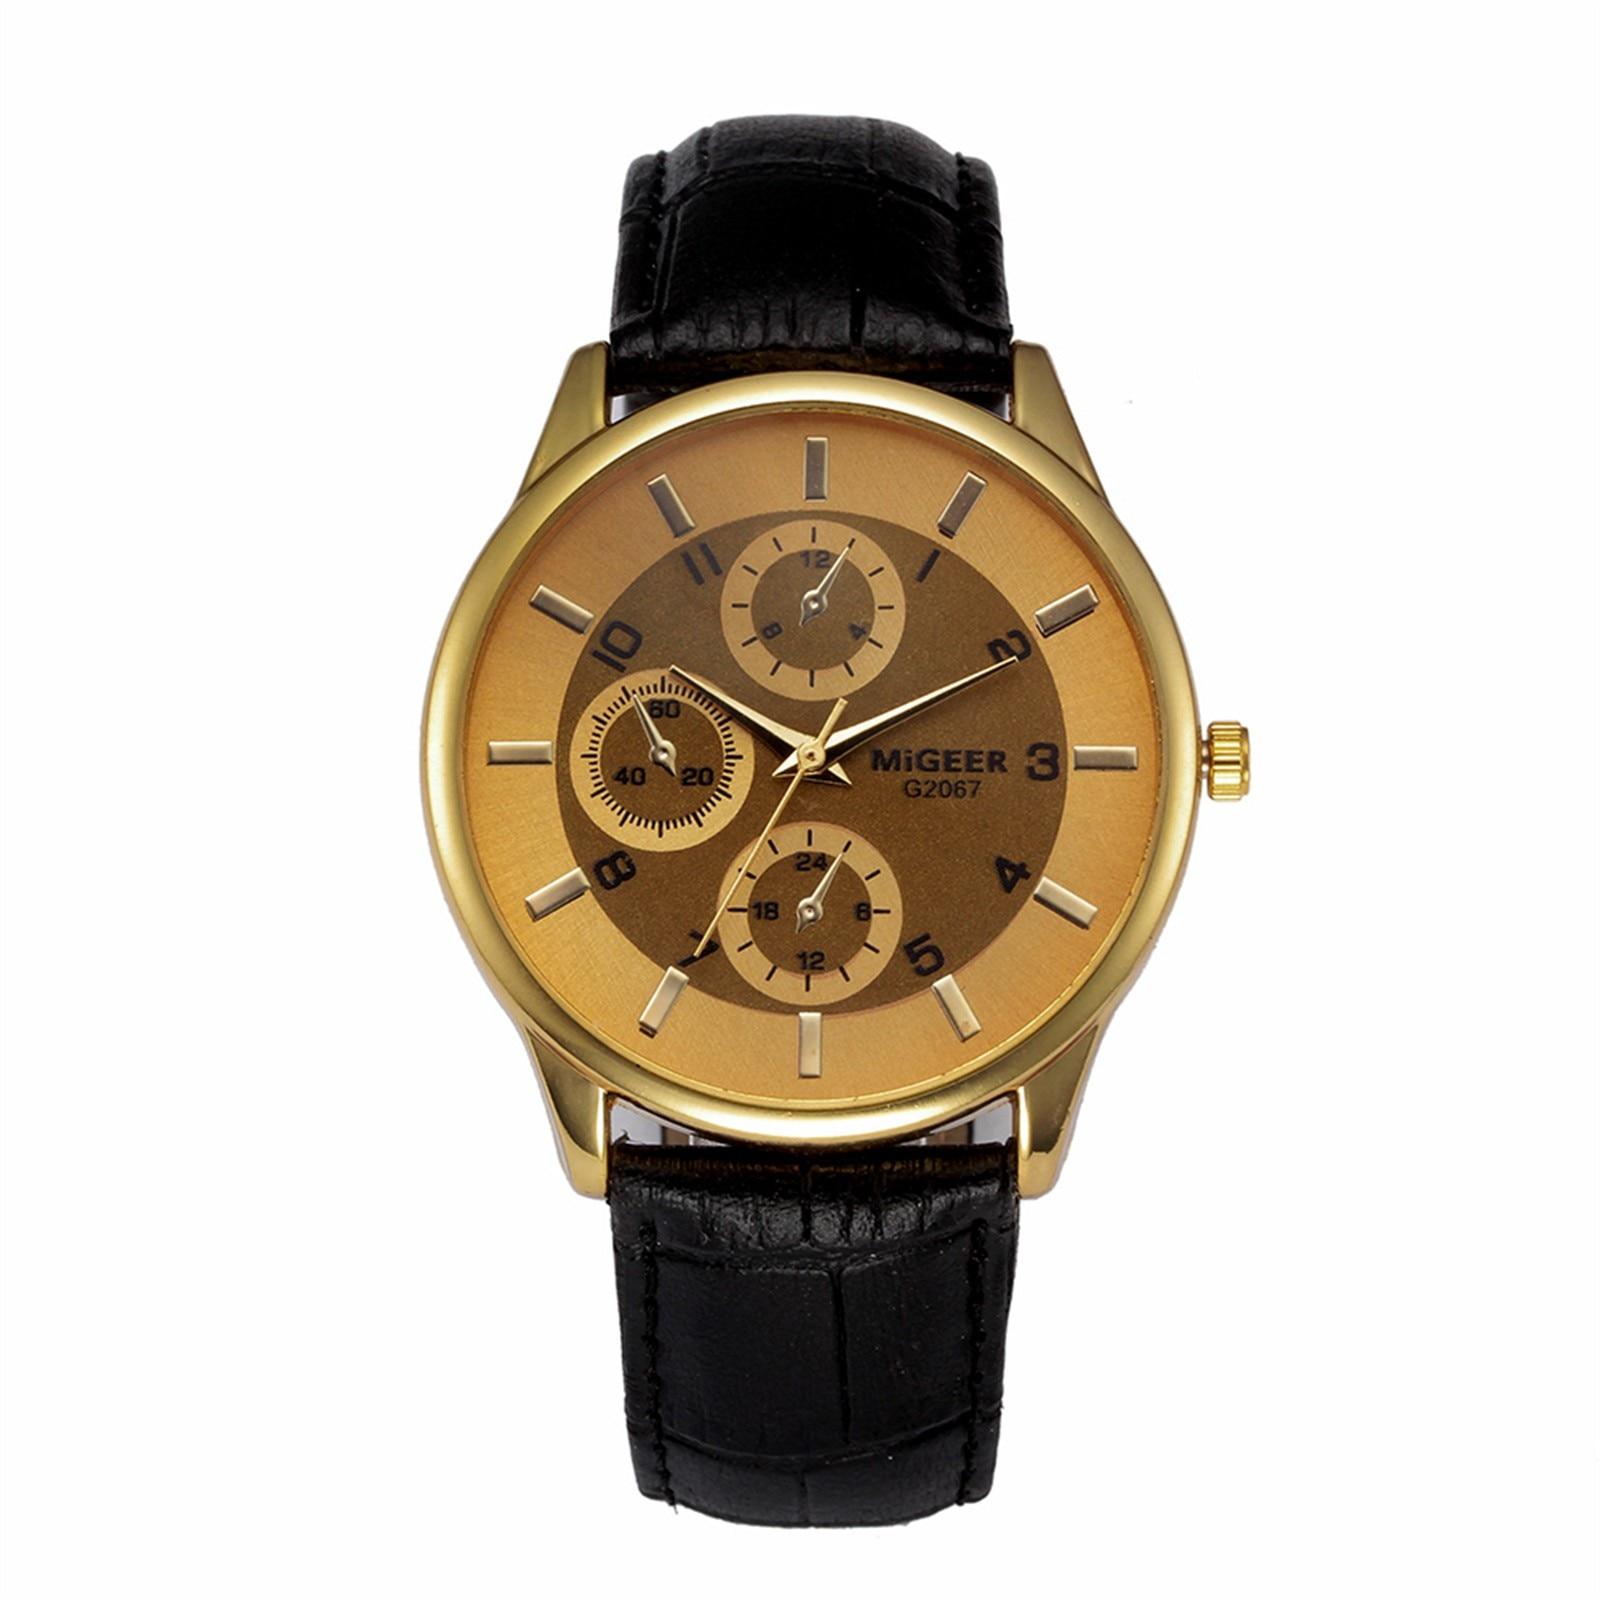 Sleek Minimalist Fashion Watch With Steel Band Dial Men's Quartz Watch Gift Watch Luxury Lover Watch